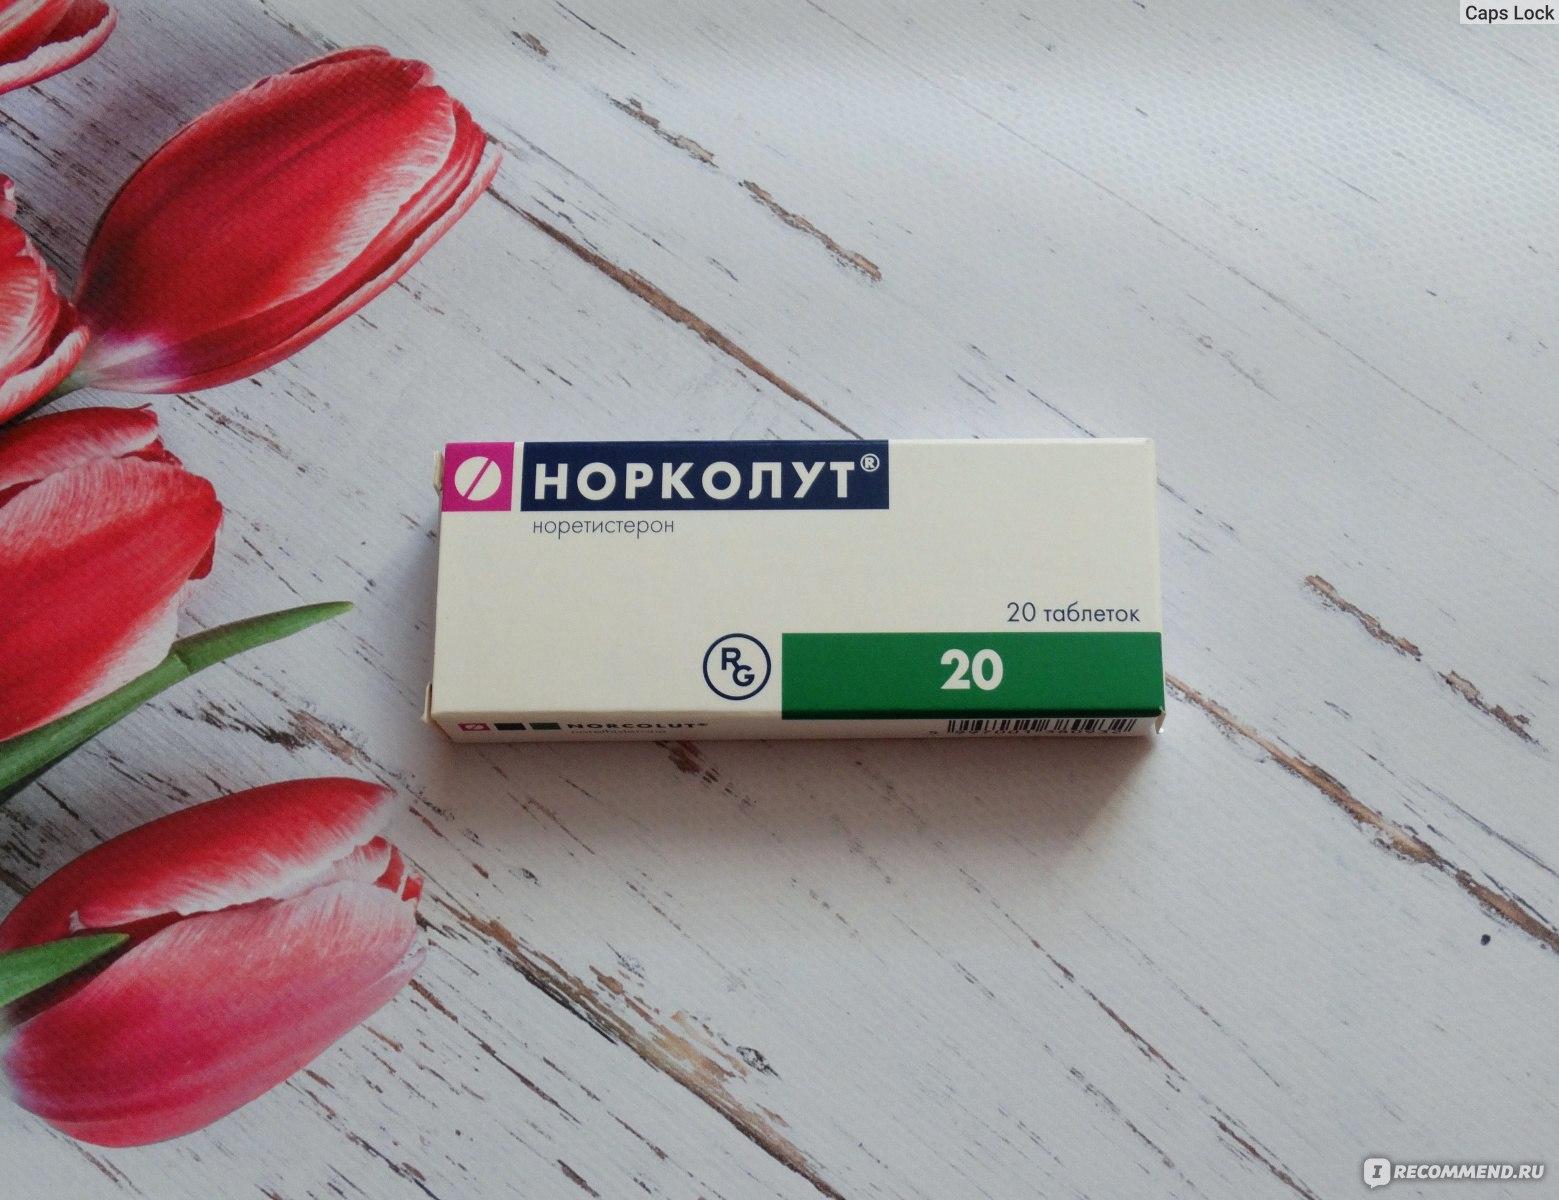 Гормональные препараты норколут «гормональный препарат норколут.